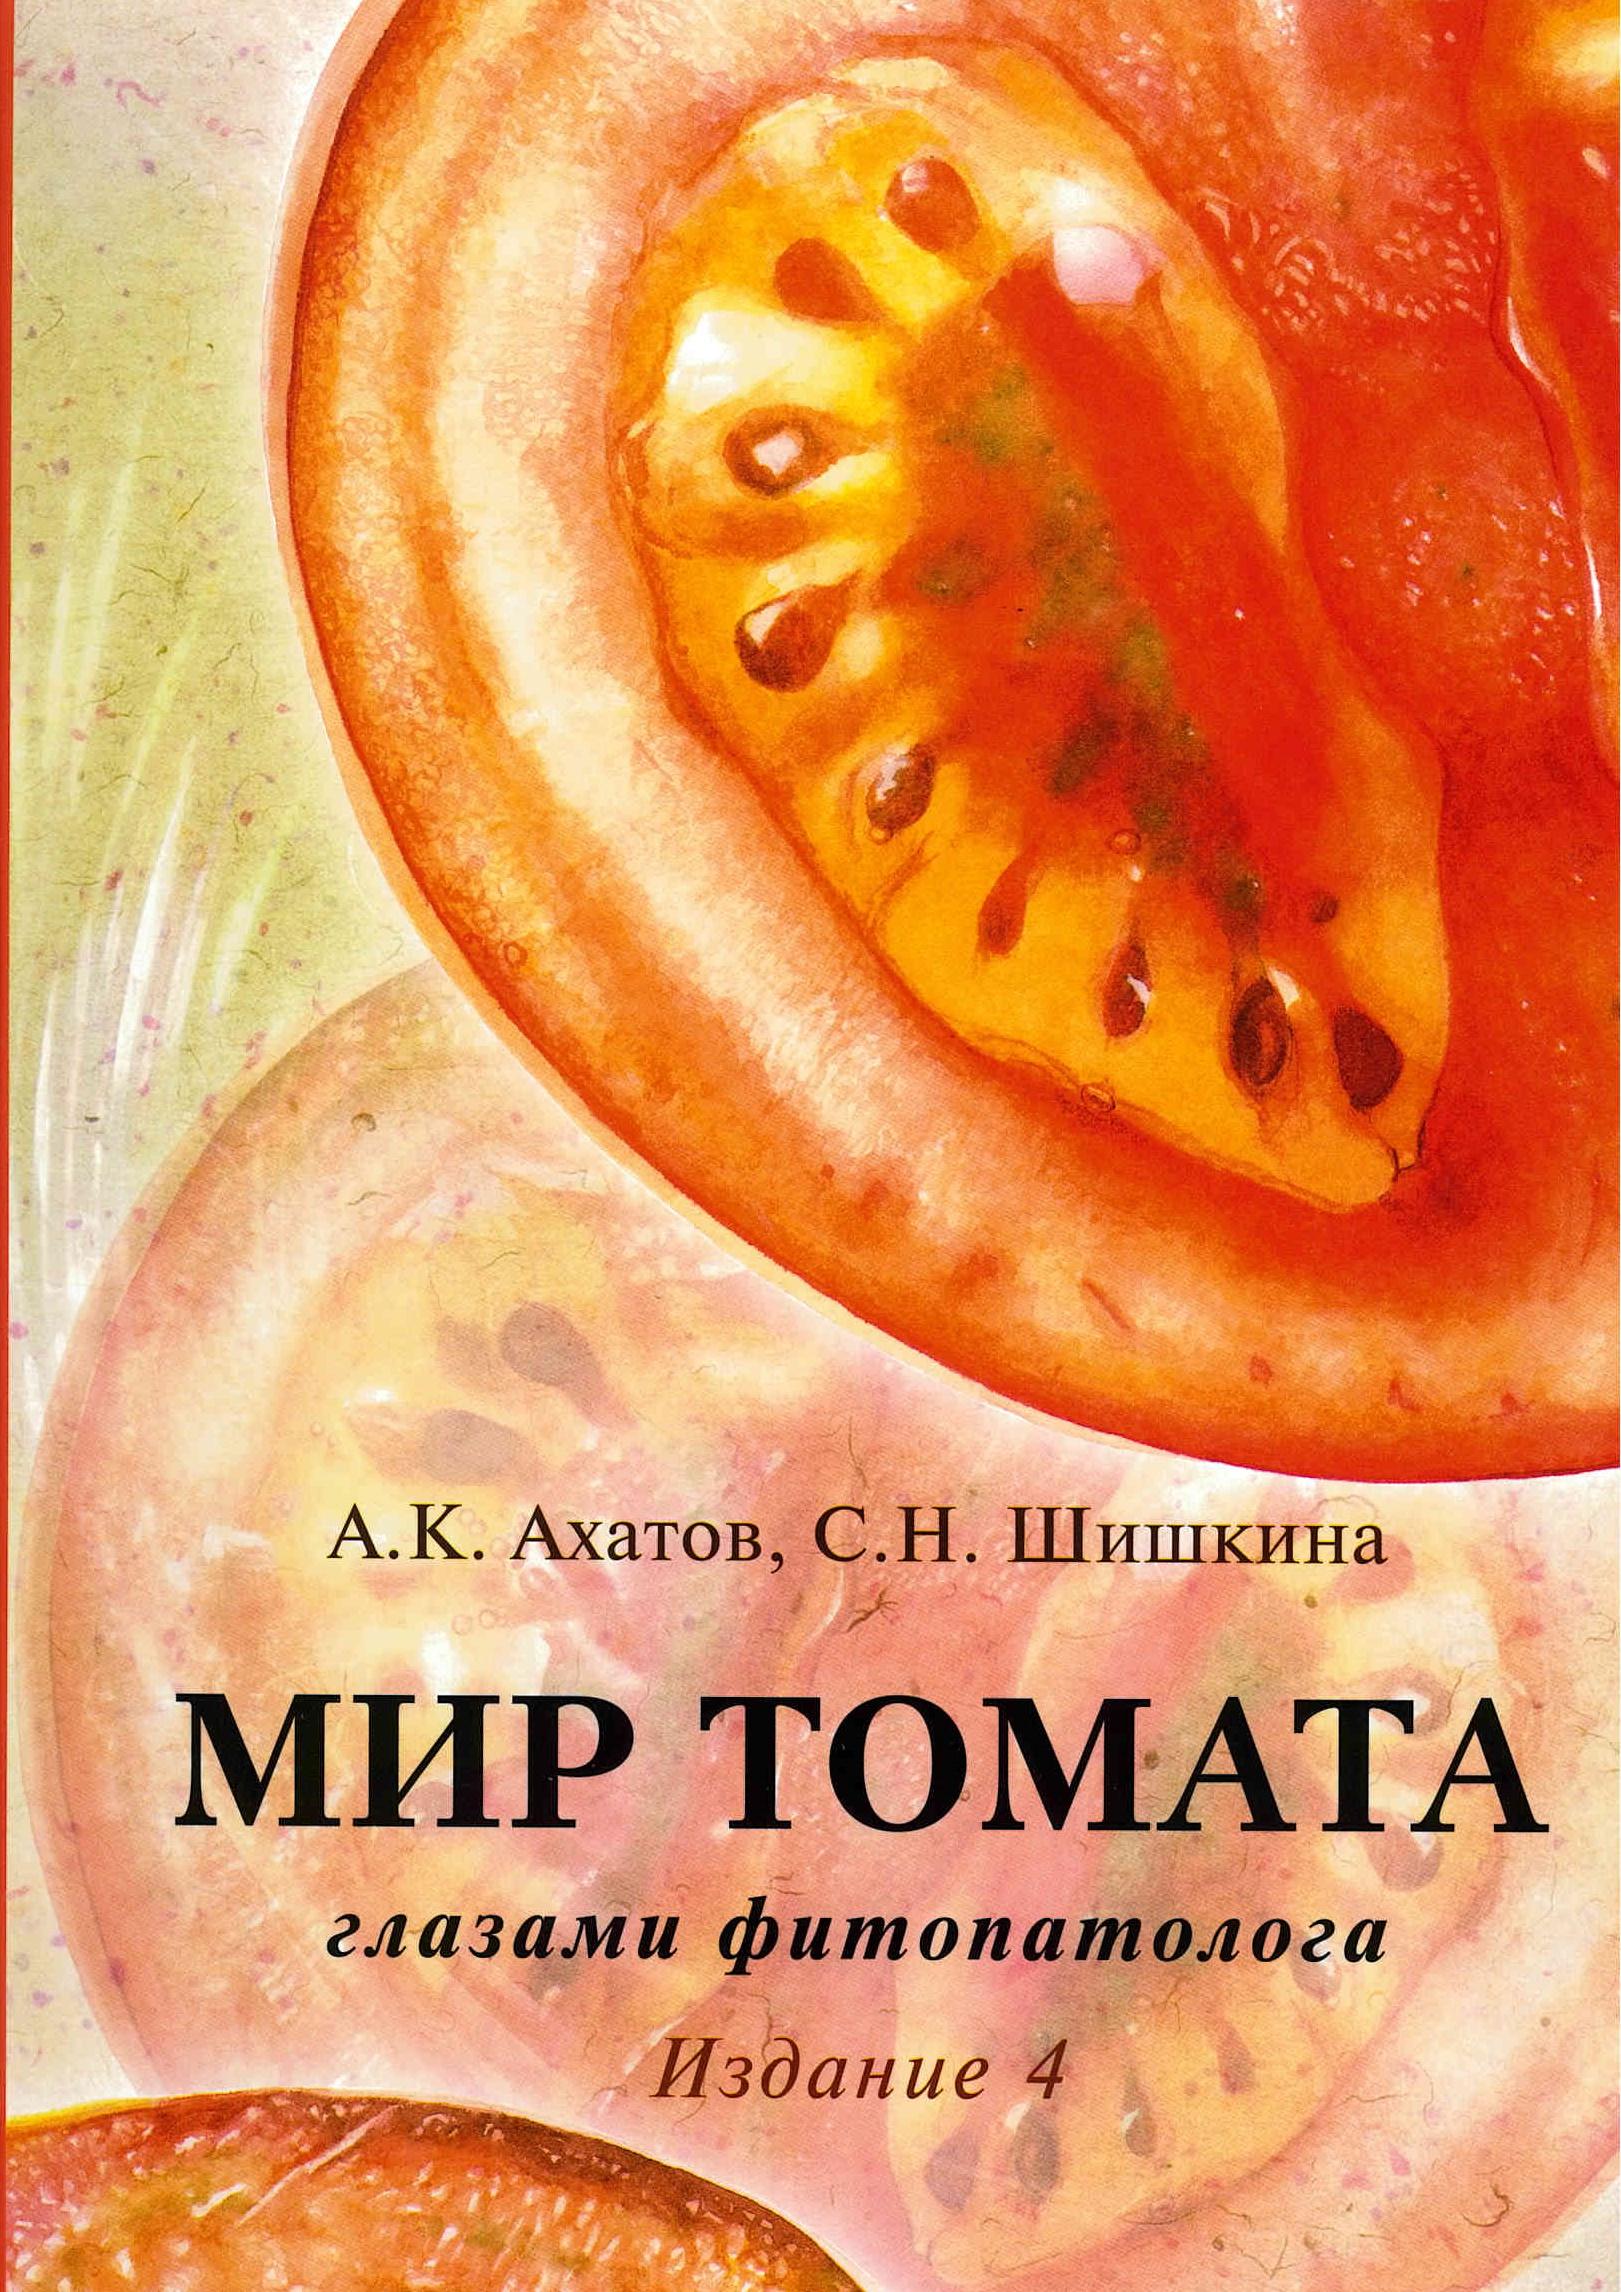 МИР ТОМАТА глазами фитопатолога. 4-изд. - фото